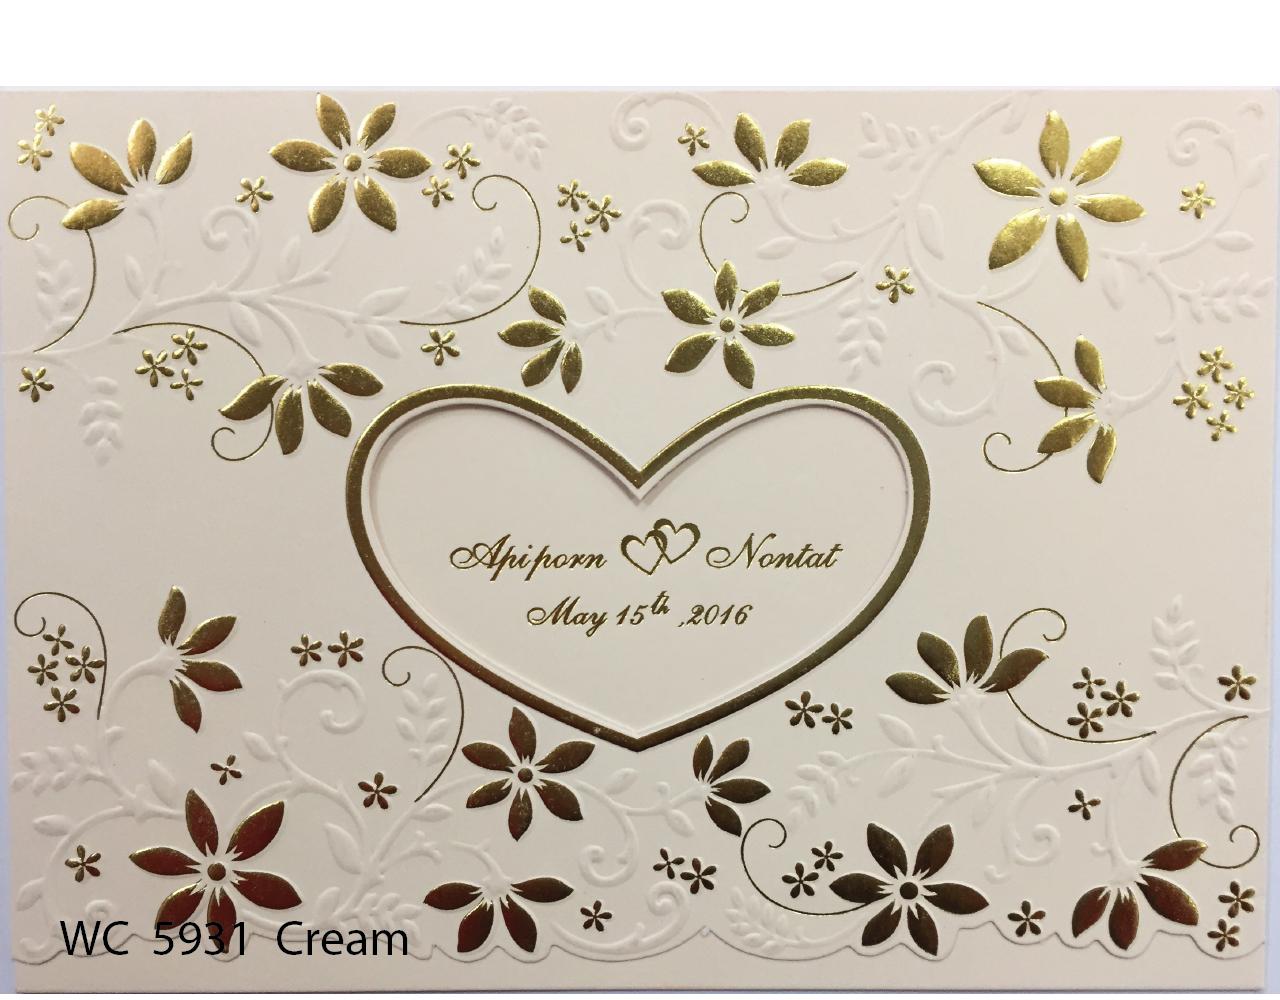 การ์ดแต่งงาน การ์ดเชิญงานแต่ง สีครีม ไดคัทหัวใจ ปั๊มนูนลายดอกไม้น่ารัก การ์ดพร้อมซอง wedding card 7x5 inch WC 5931 Cream